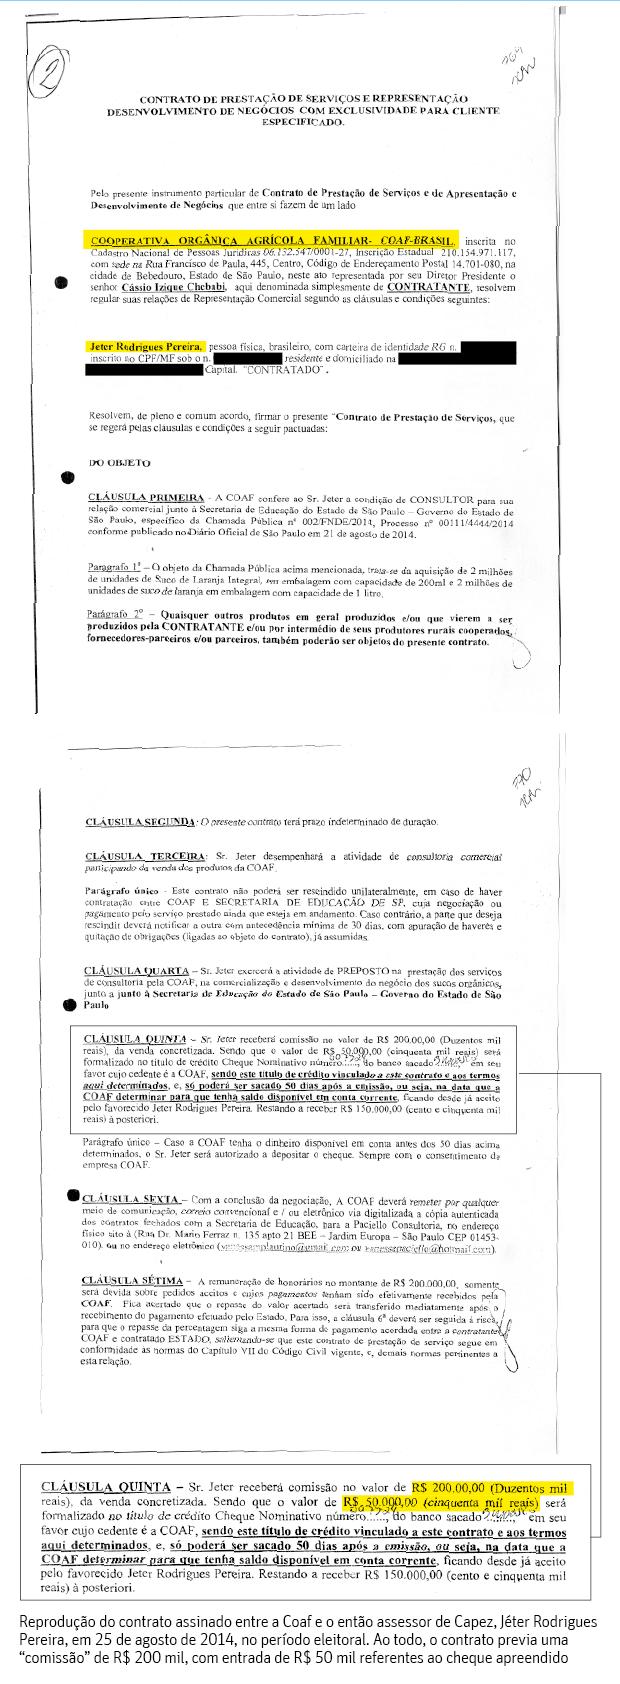 CAMINHO DO DINHEIROInvestigados na máfia da merenda, assessores de Fernando Capez (PSDB) teriam recebido pagamento de propina